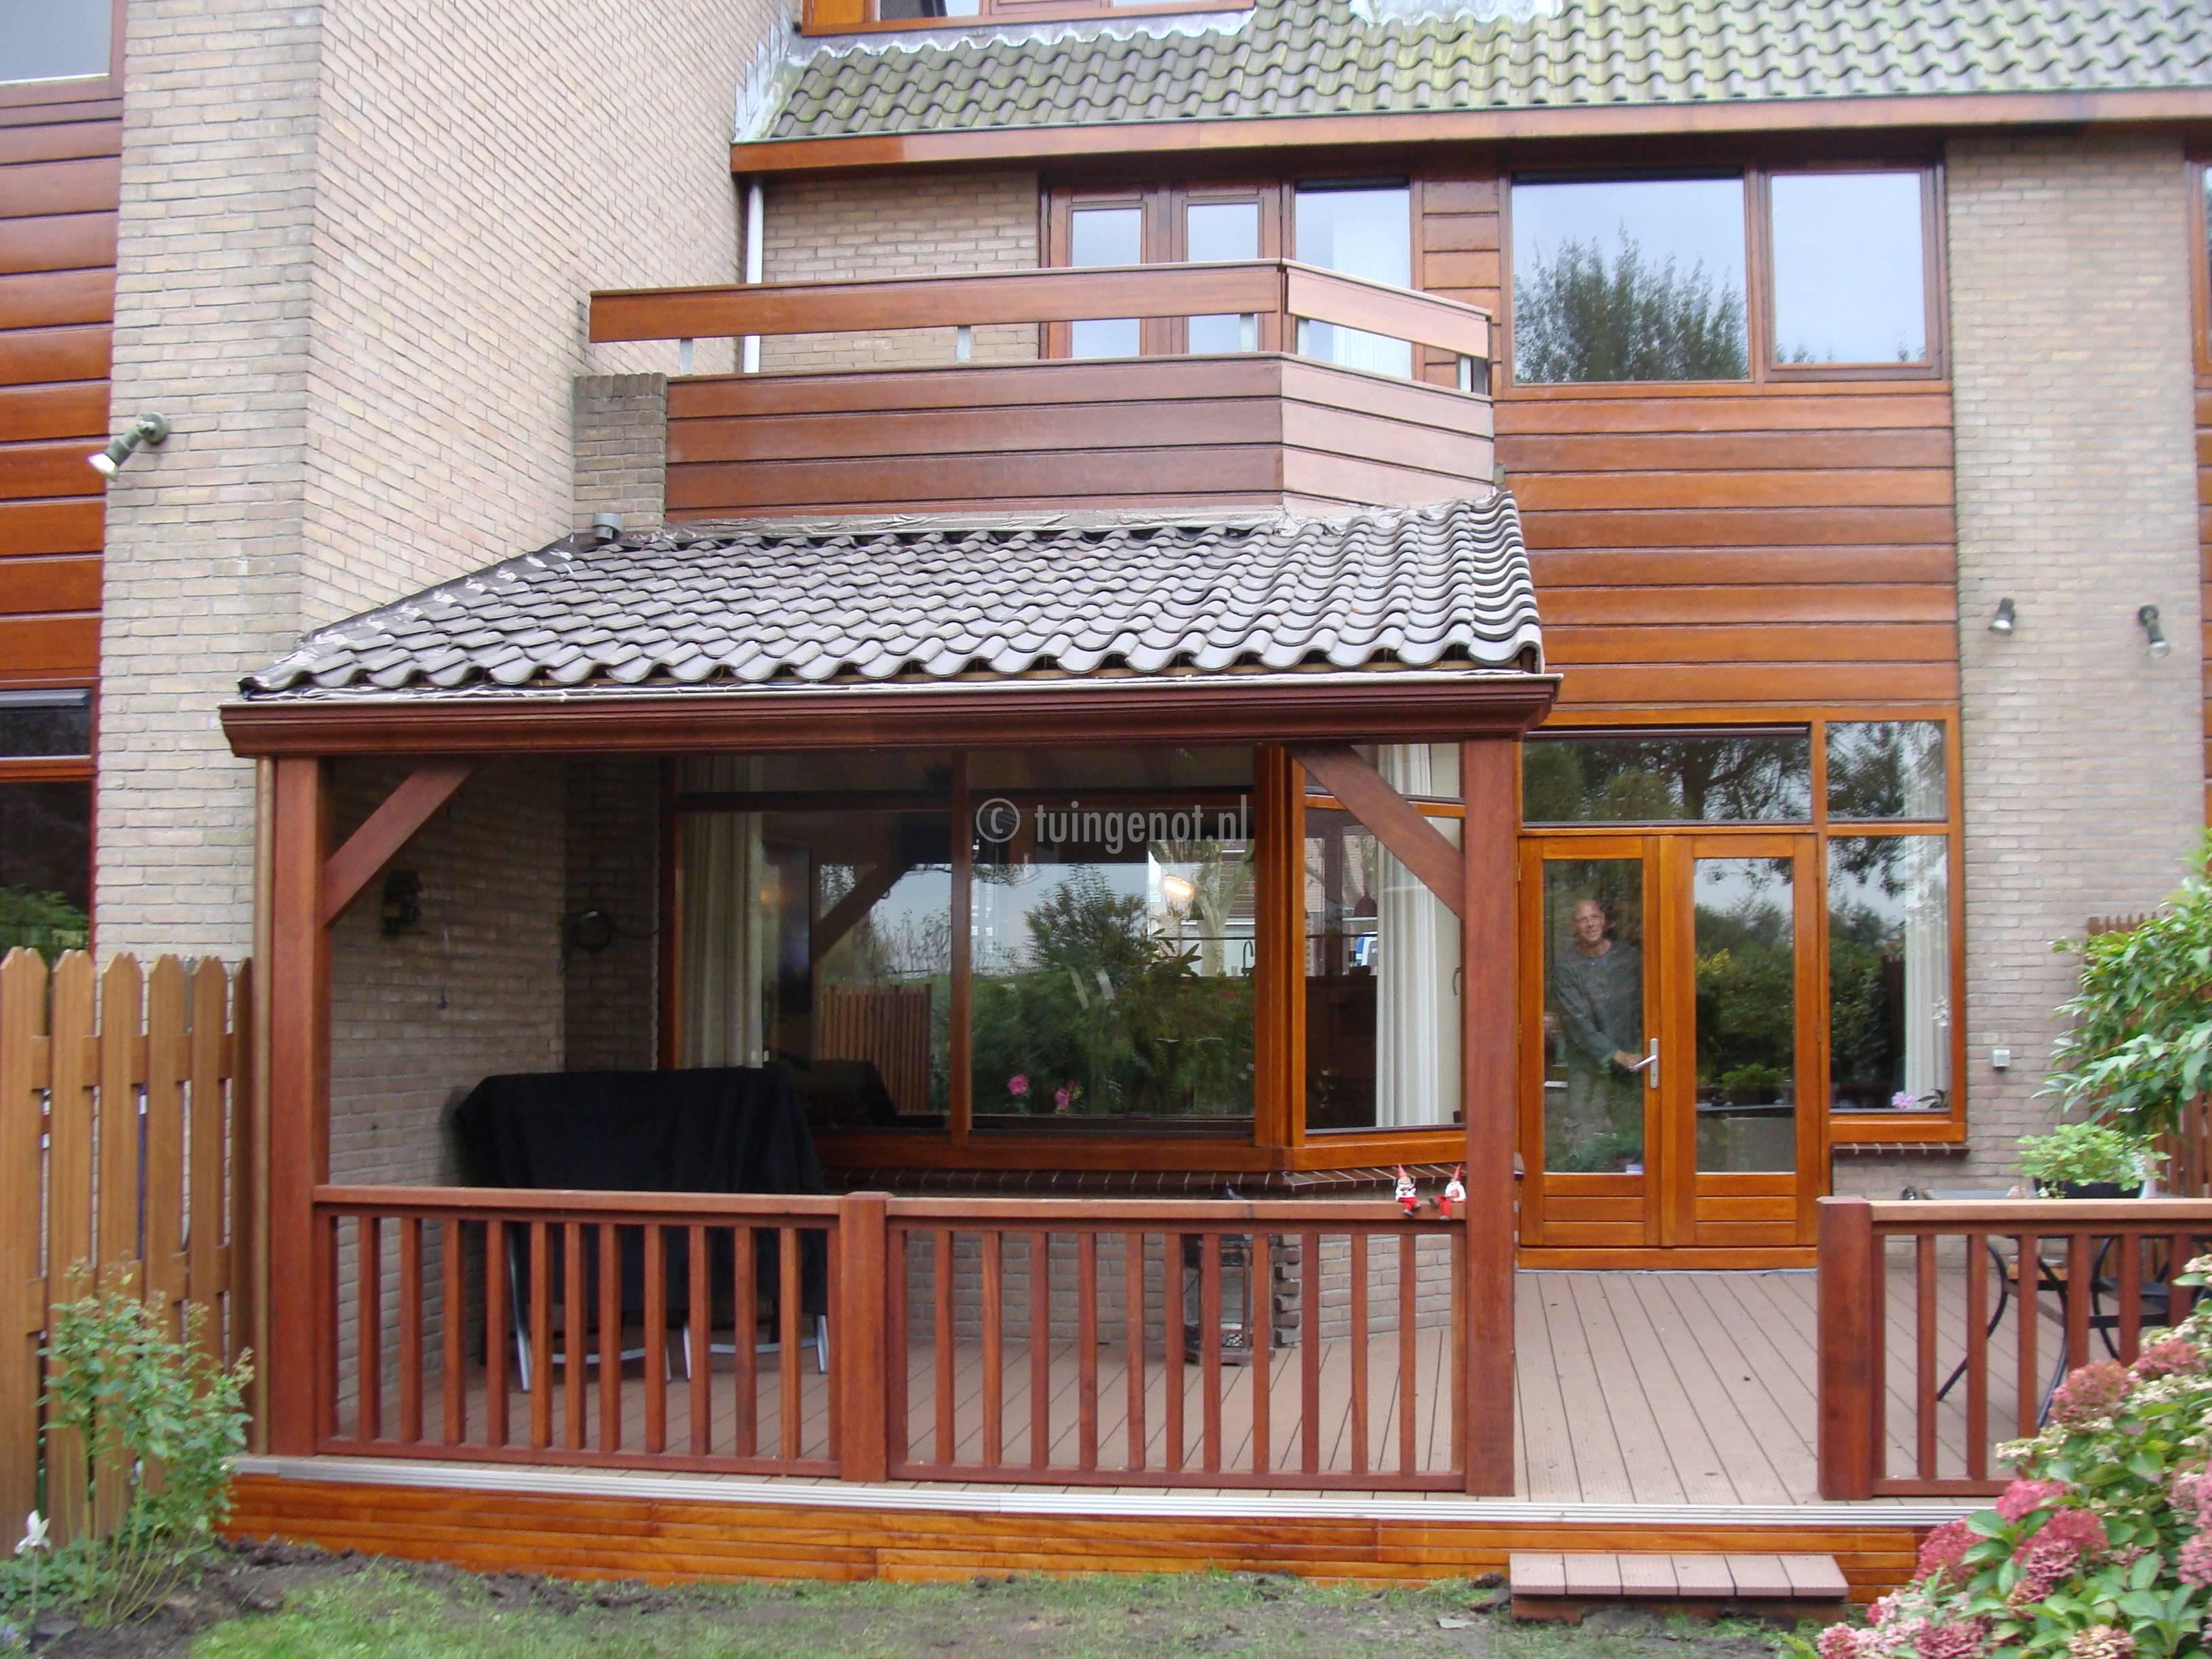 Fabulous Tuingenot: 89. houten veranda van hardhout #TE06